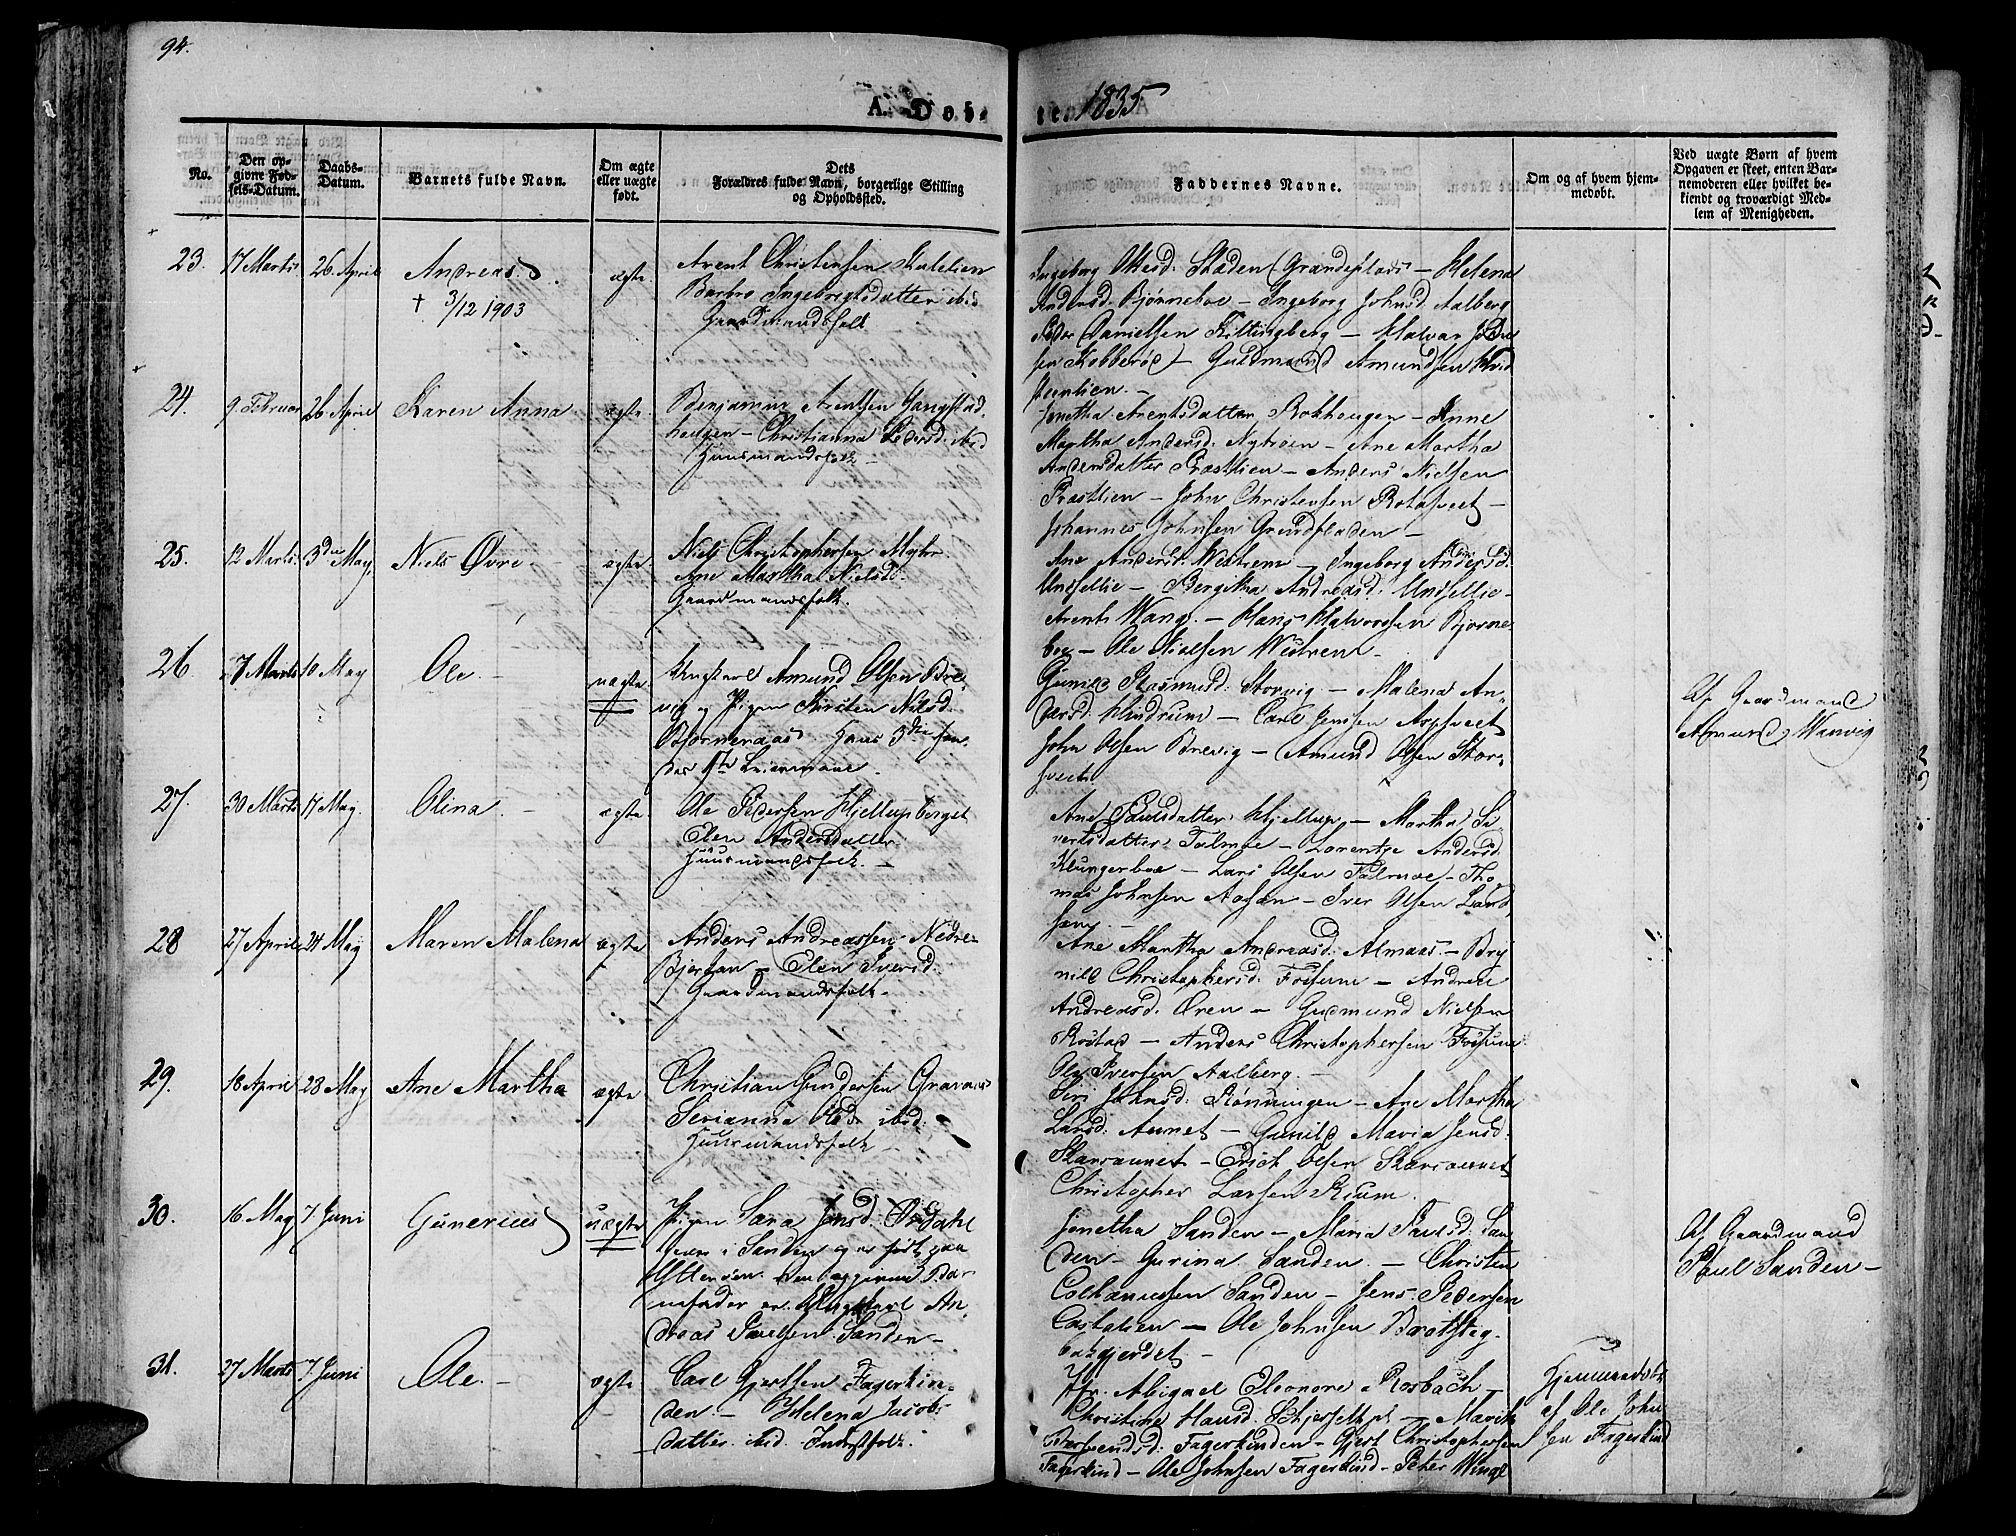 SAT, Ministerialprotokoller, klokkerbøker og fødselsregistre - Nord-Trøndelag, 701/L0006: Ministerialbok nr. 701A06, 1825-1841, s. 94